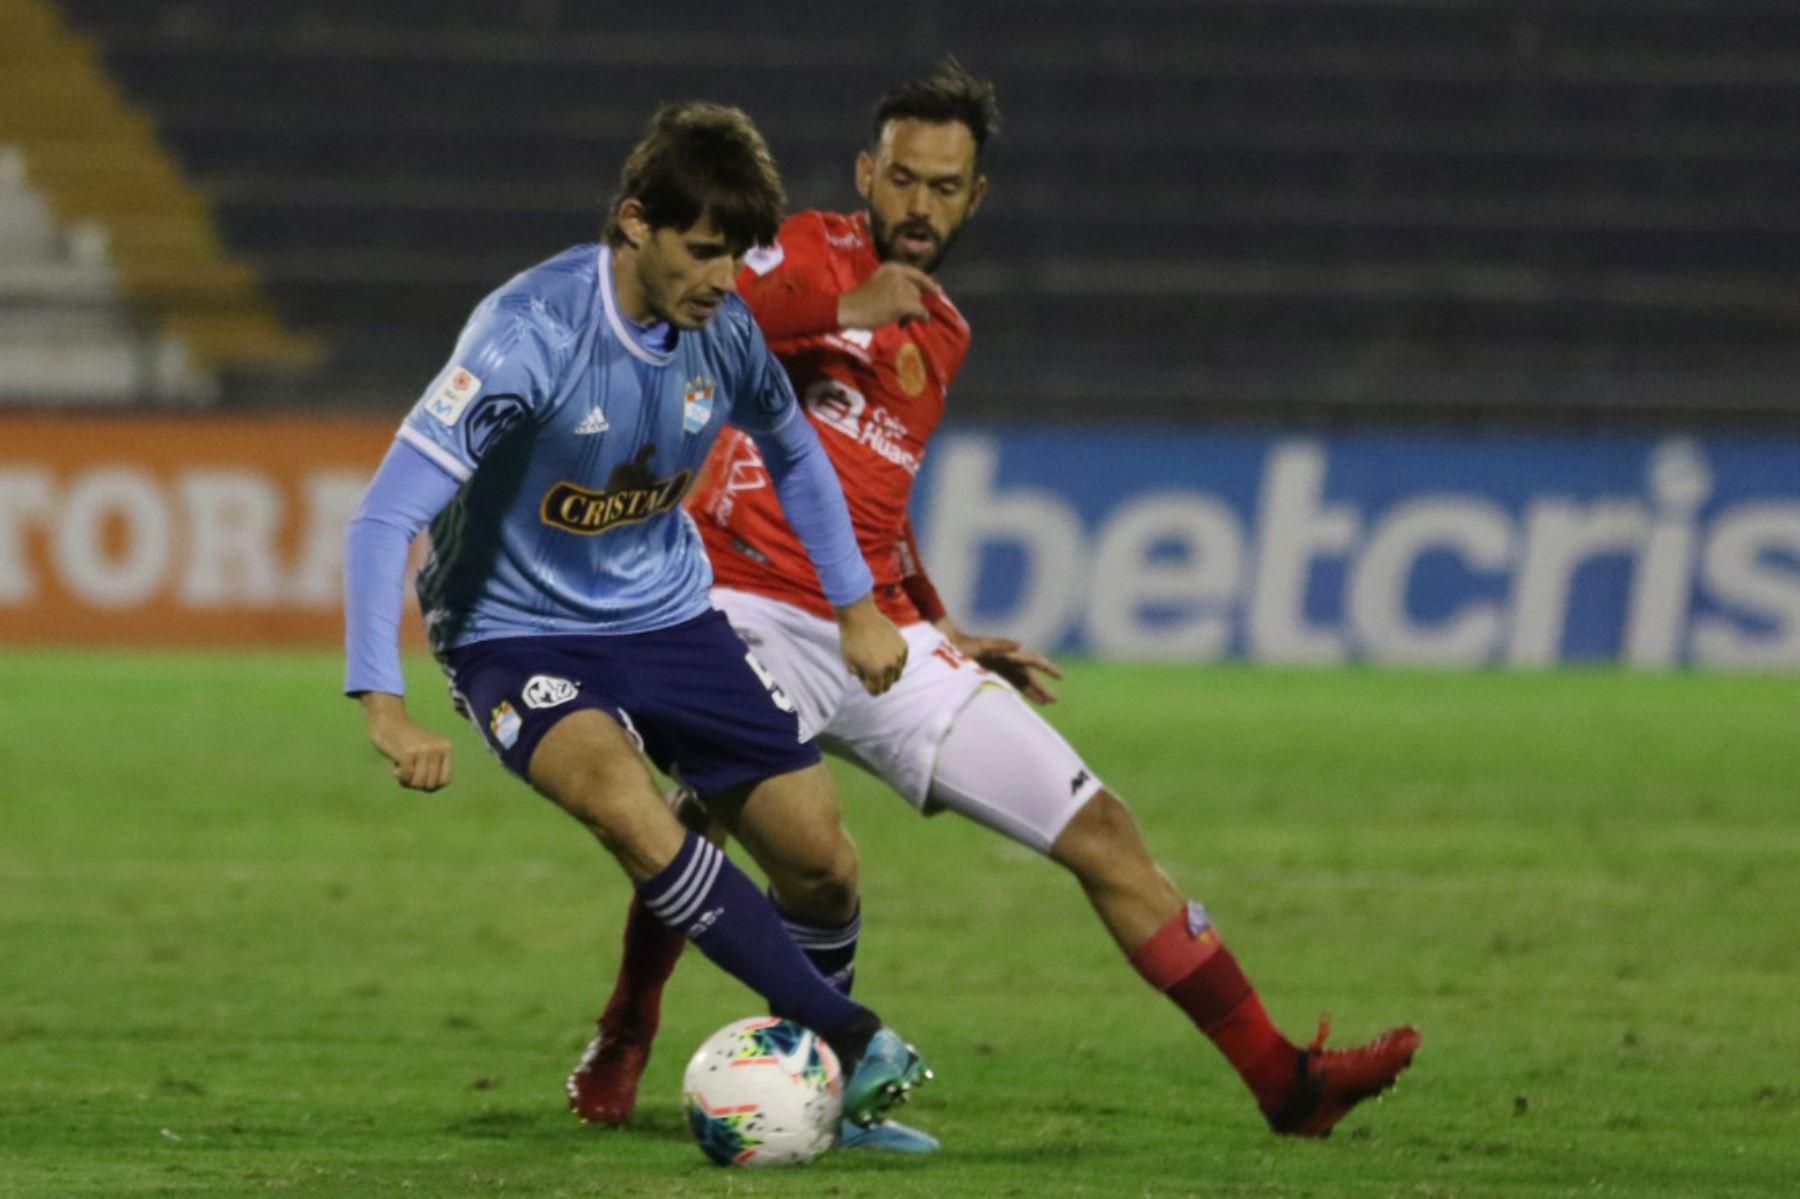 Sporting Cristal  se enfrenta al Cienciano   por la jornada 11 de la Liga 1 que se disputa en el estadio Alejandro Villanueva.  Foto: @LigaFutProf